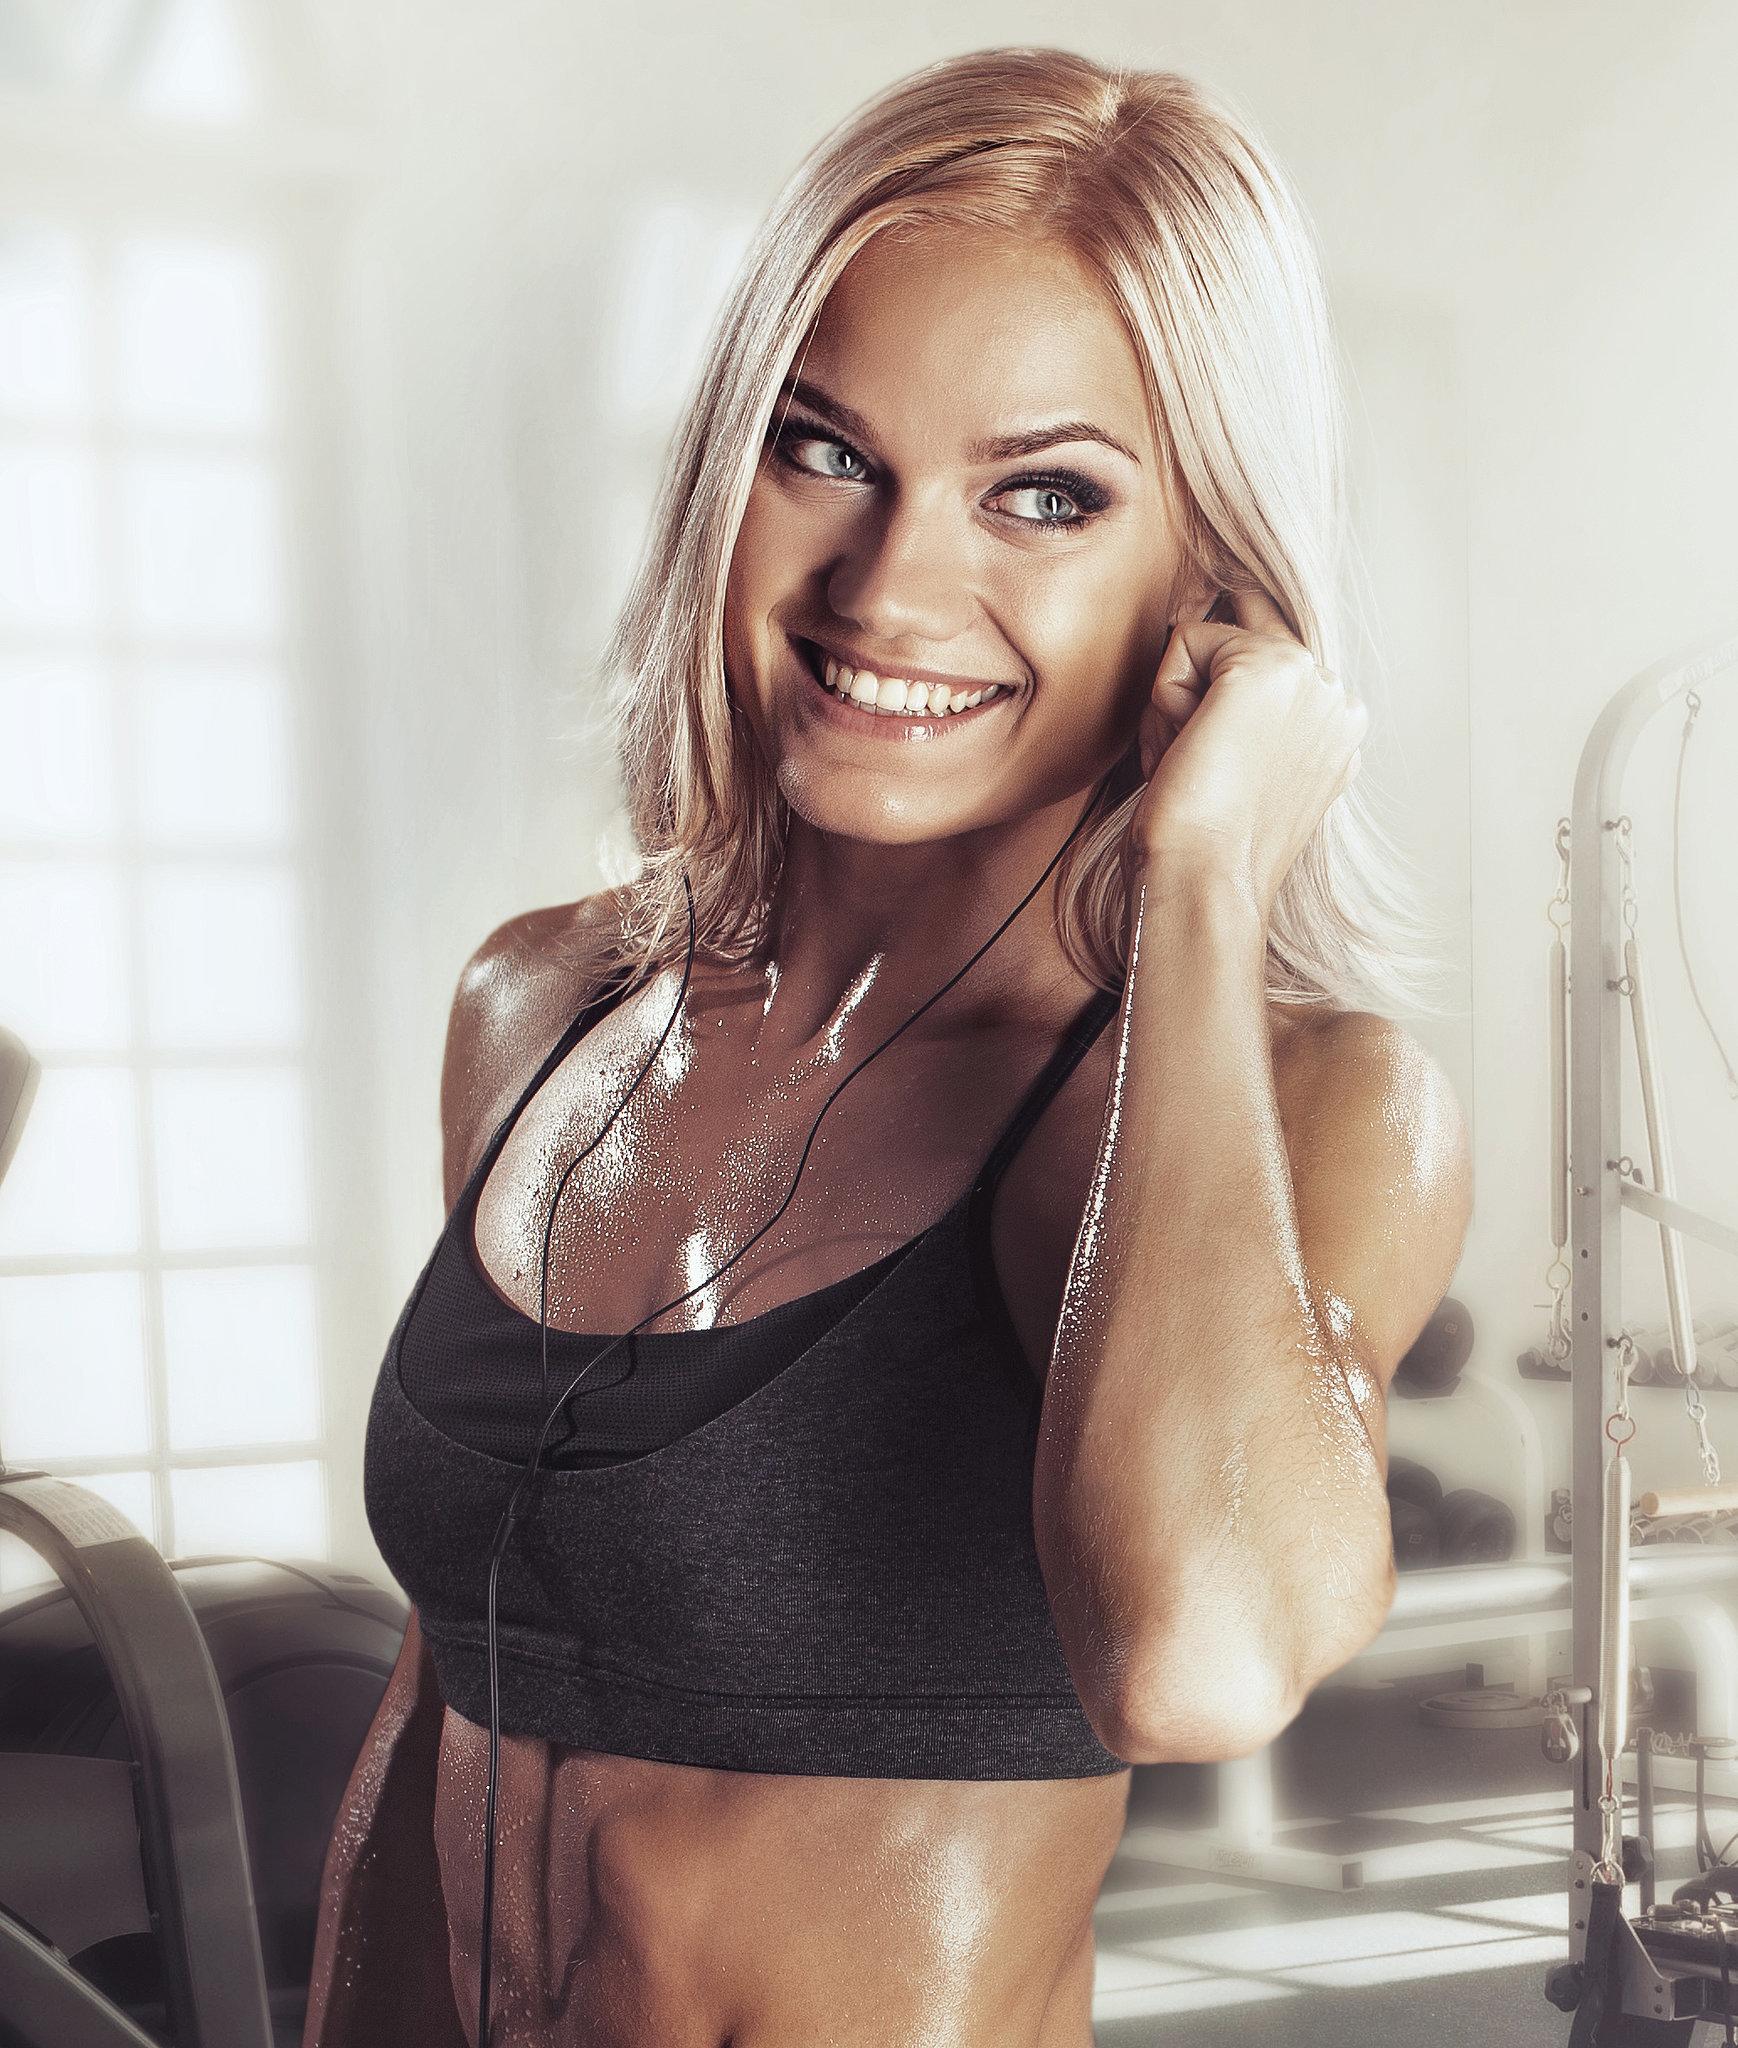 606a6dfe09364343 cardio woman.xxxlarge 2x Wannabe Fit: Pesme za vežbanje